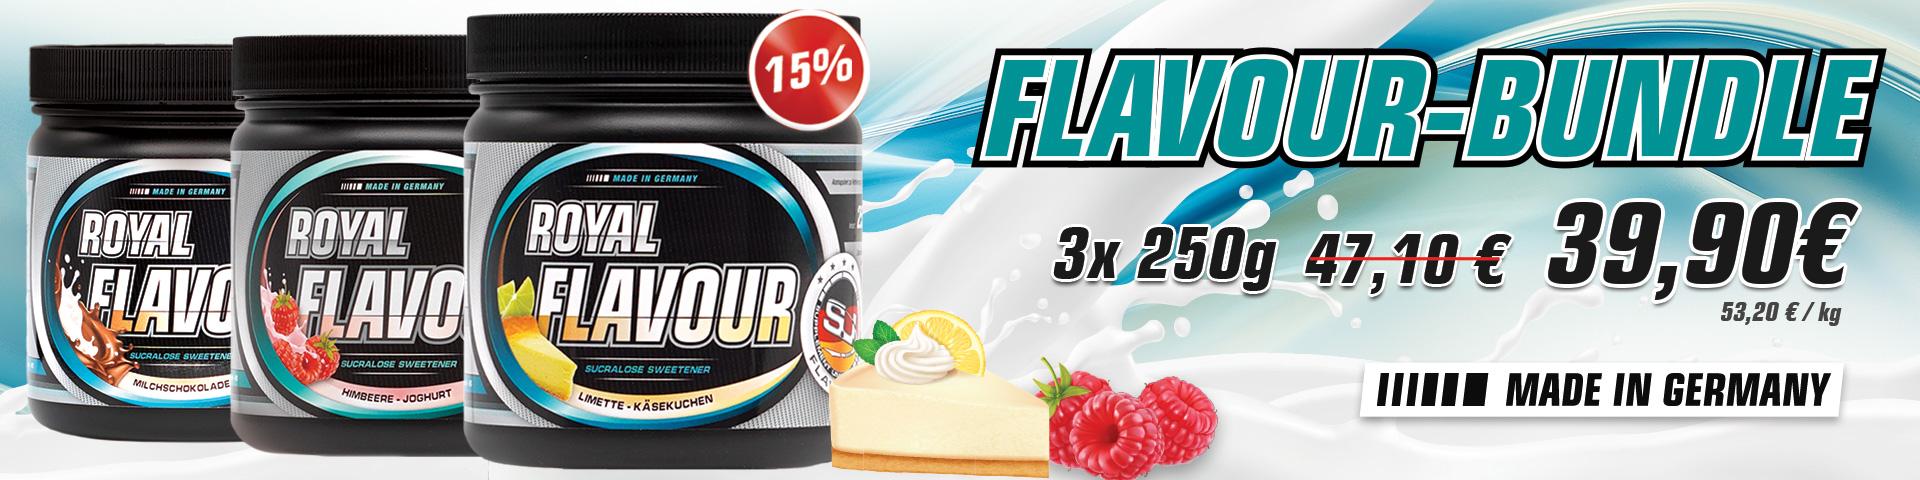 flavour-bundle-22-mai-shop.jpg